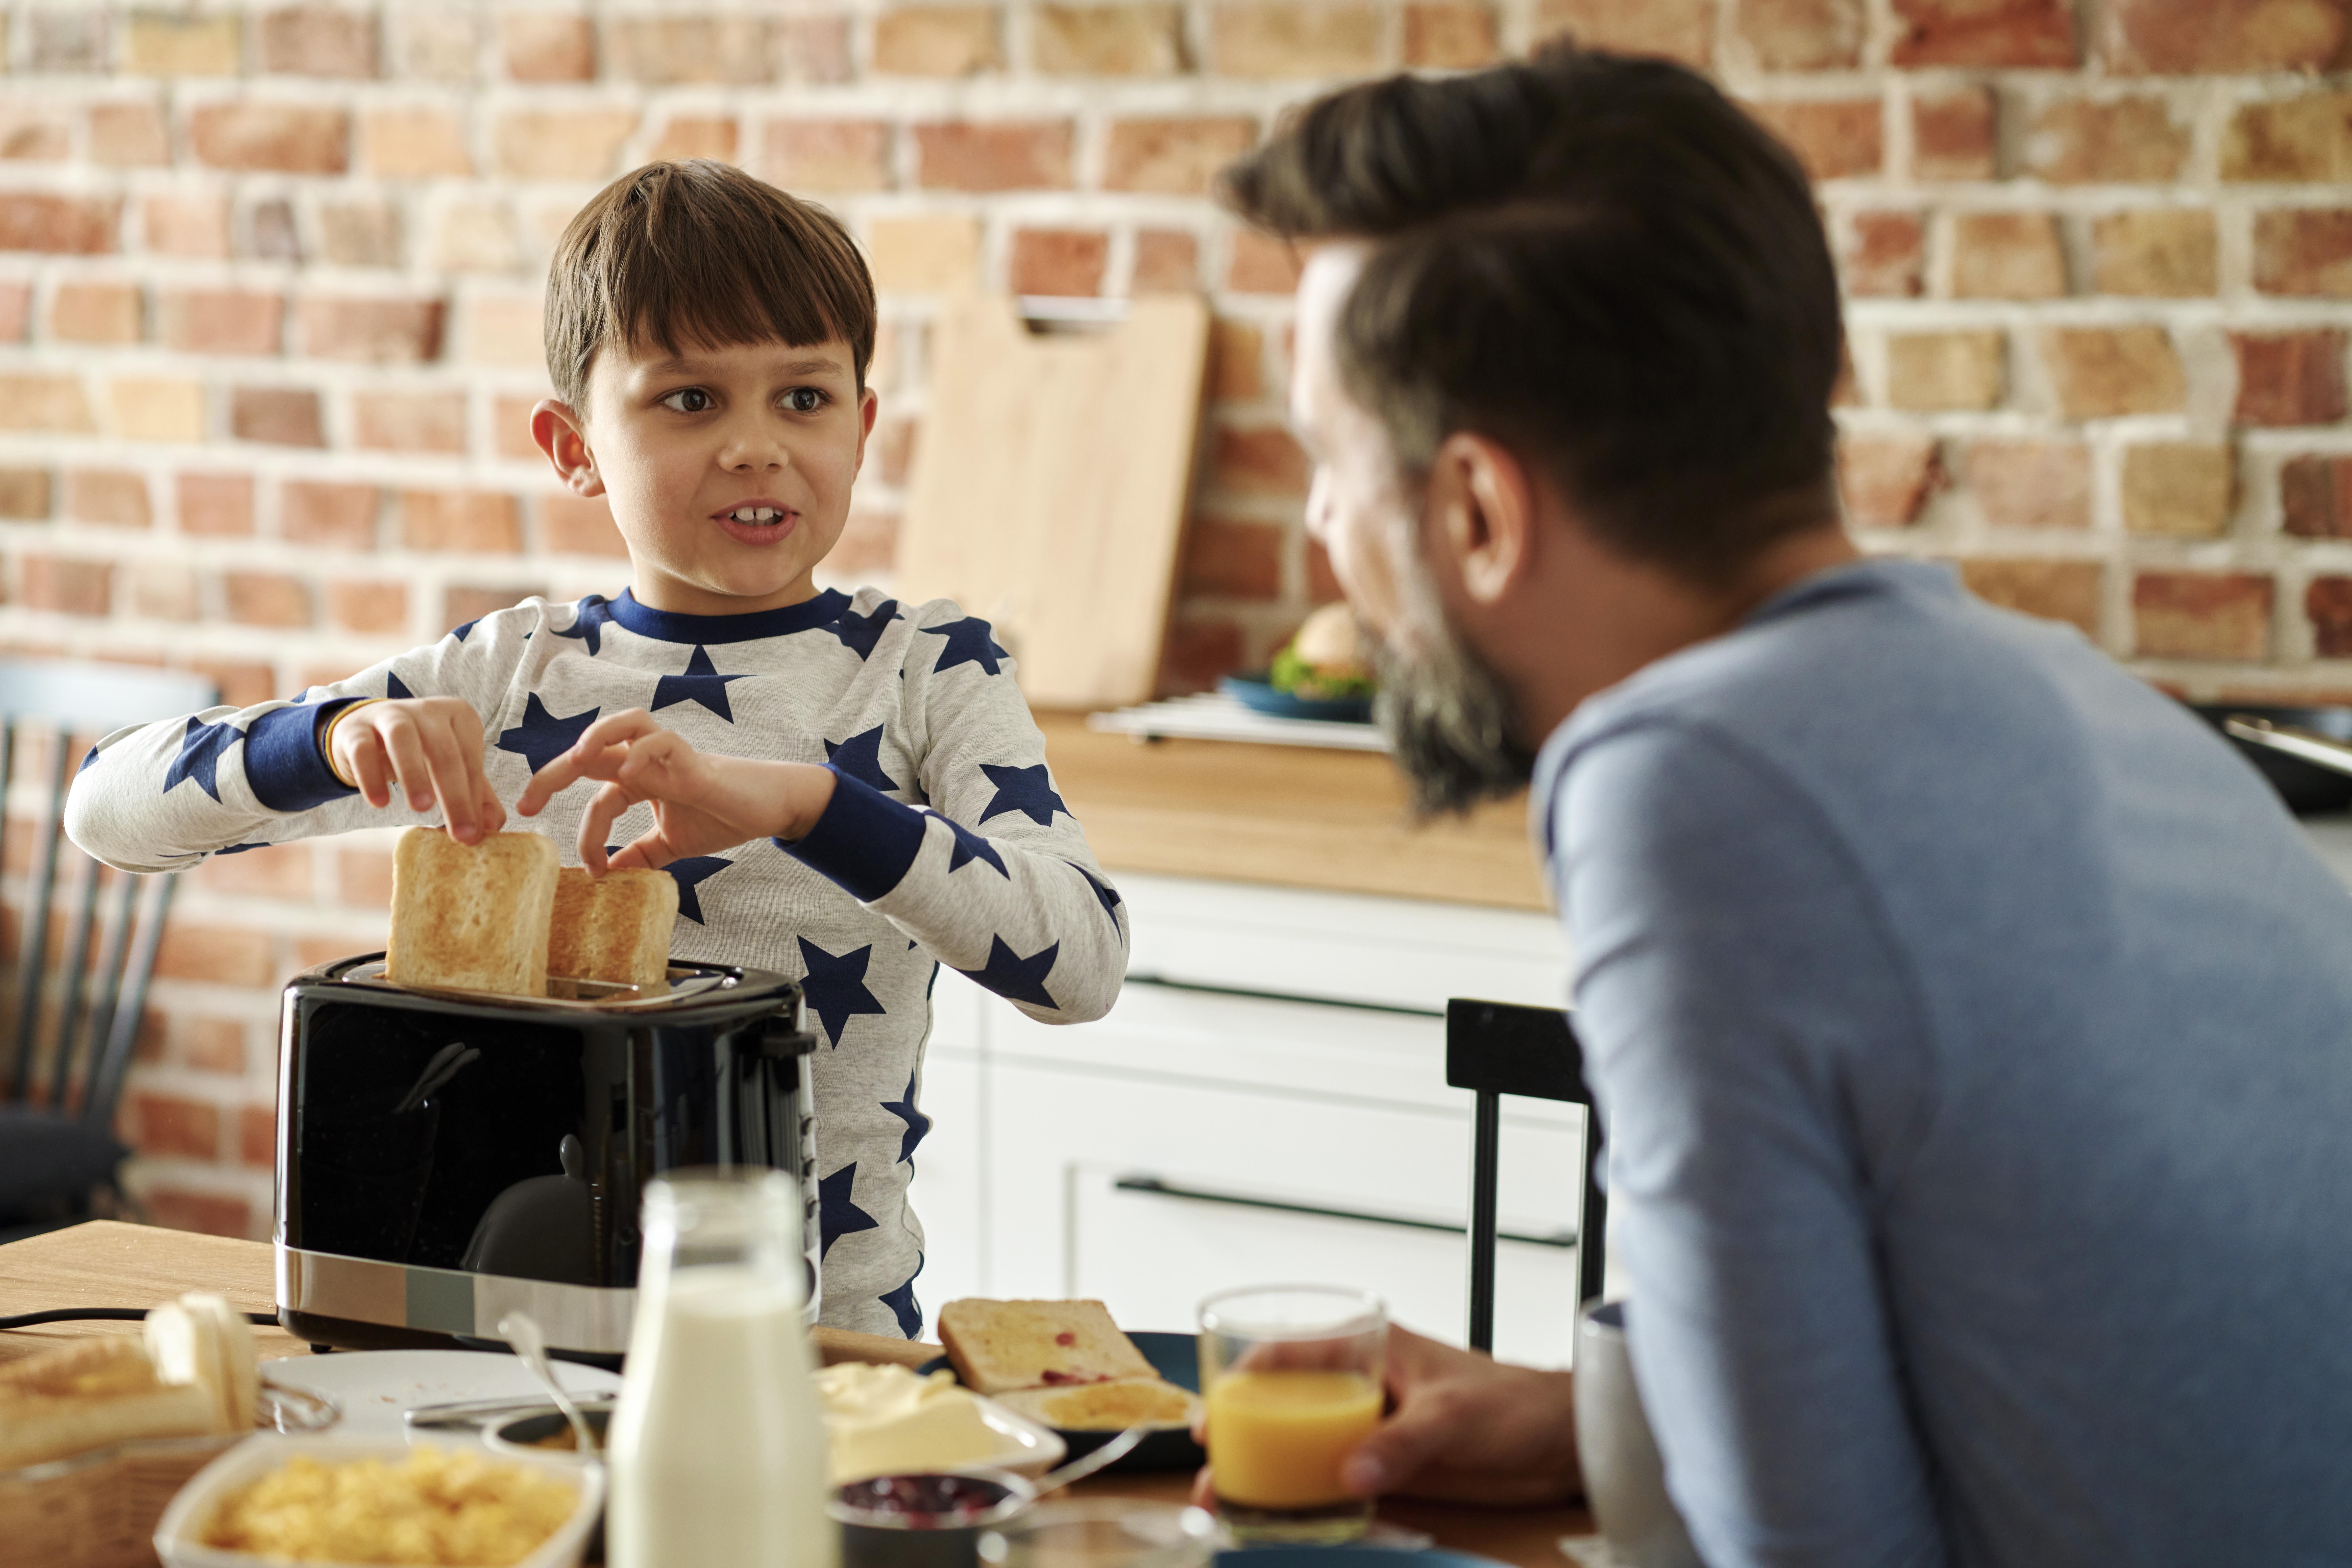 Çocukların bağışıklığını korumaya yardımcı olacak öneriler #1